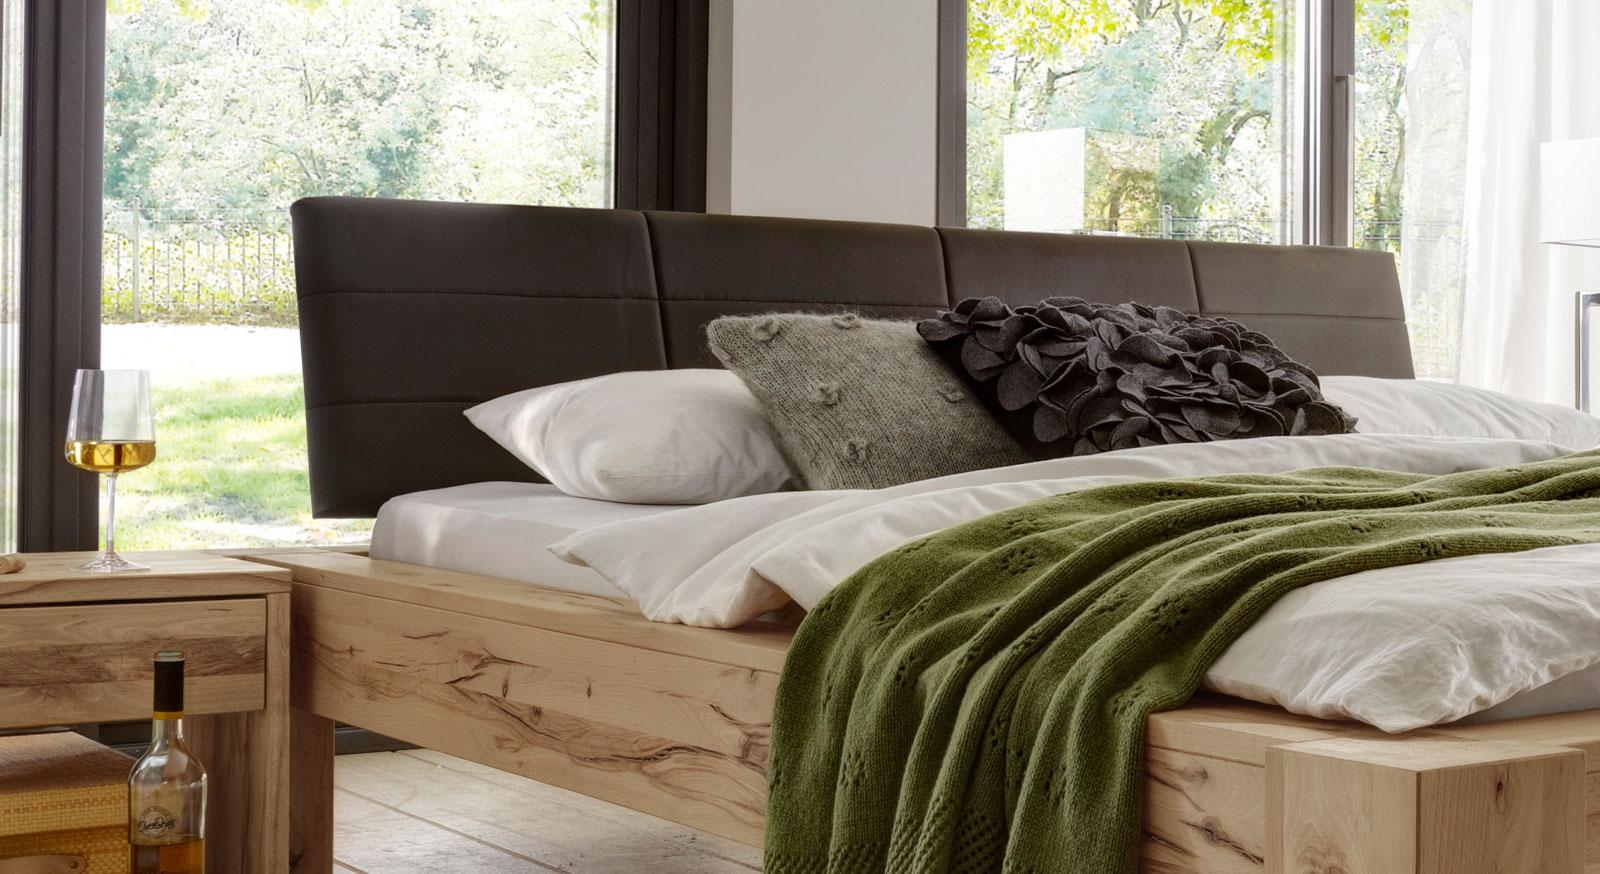 Doppelbett aus Astkernbuche mit Kunstleder-Kopfteil - Busto